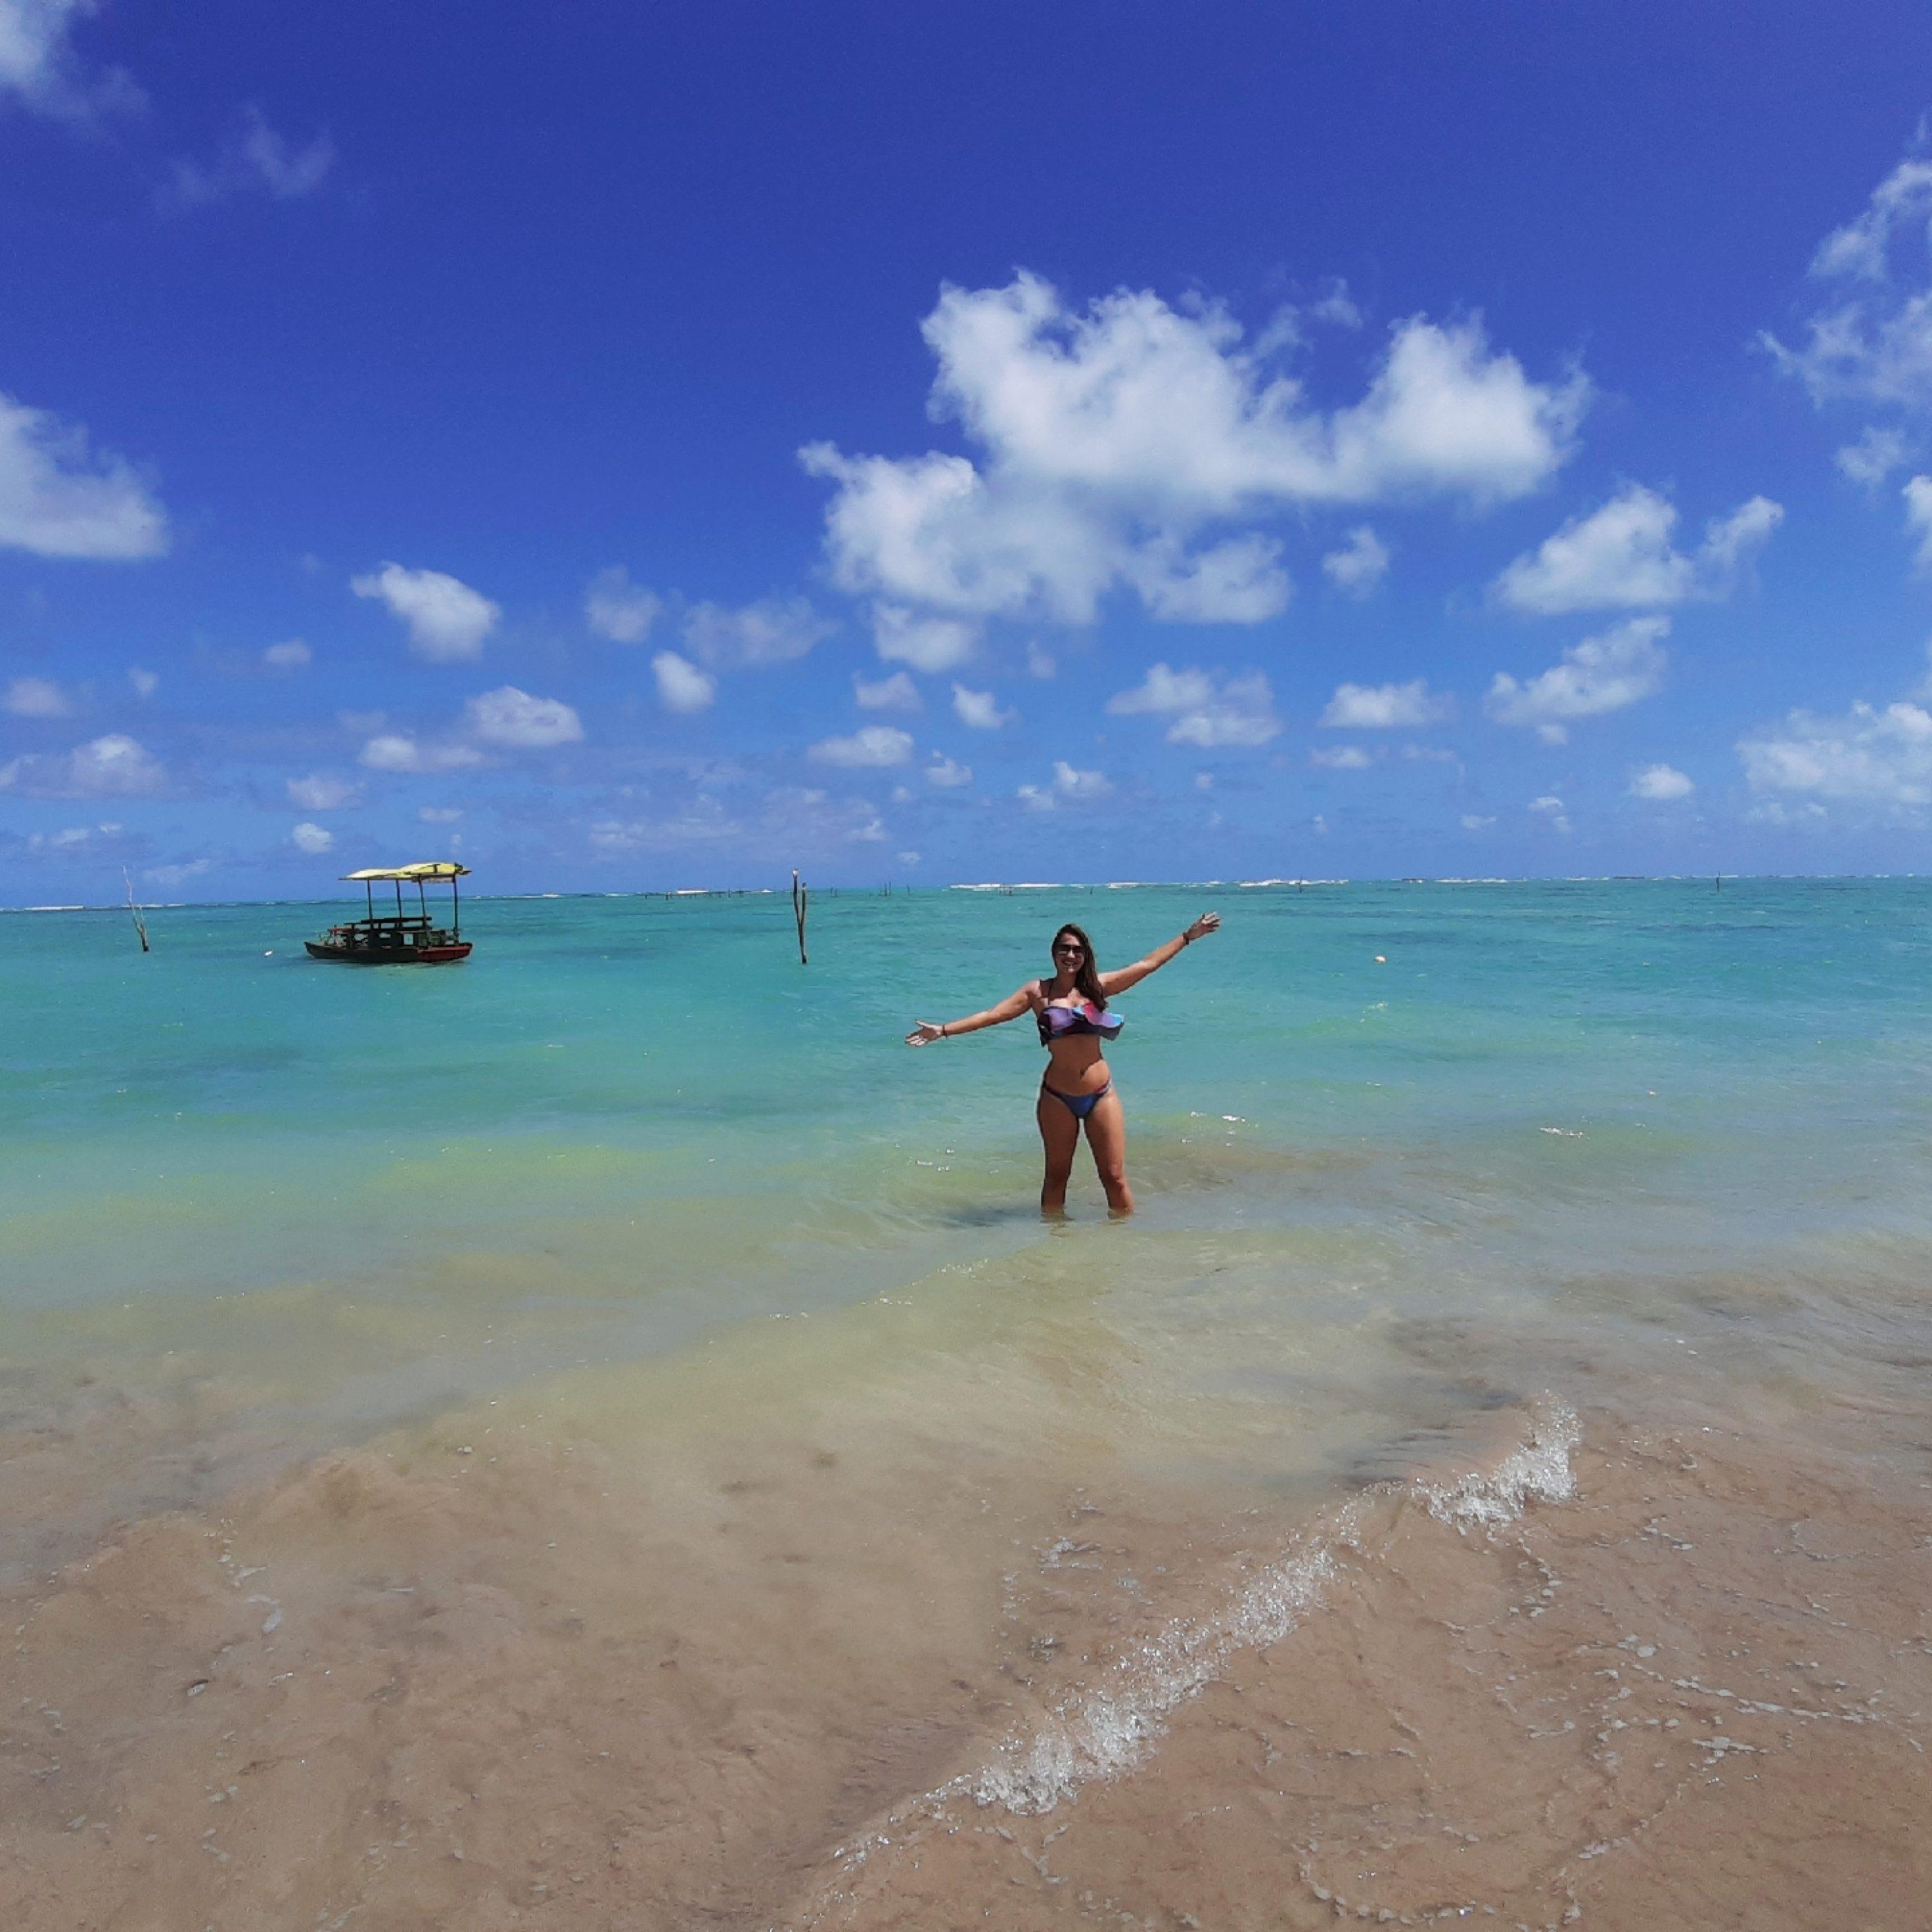 Conhecendo o Nordeste, Pernambuco e Alagoas. São Miguel dos Milagres